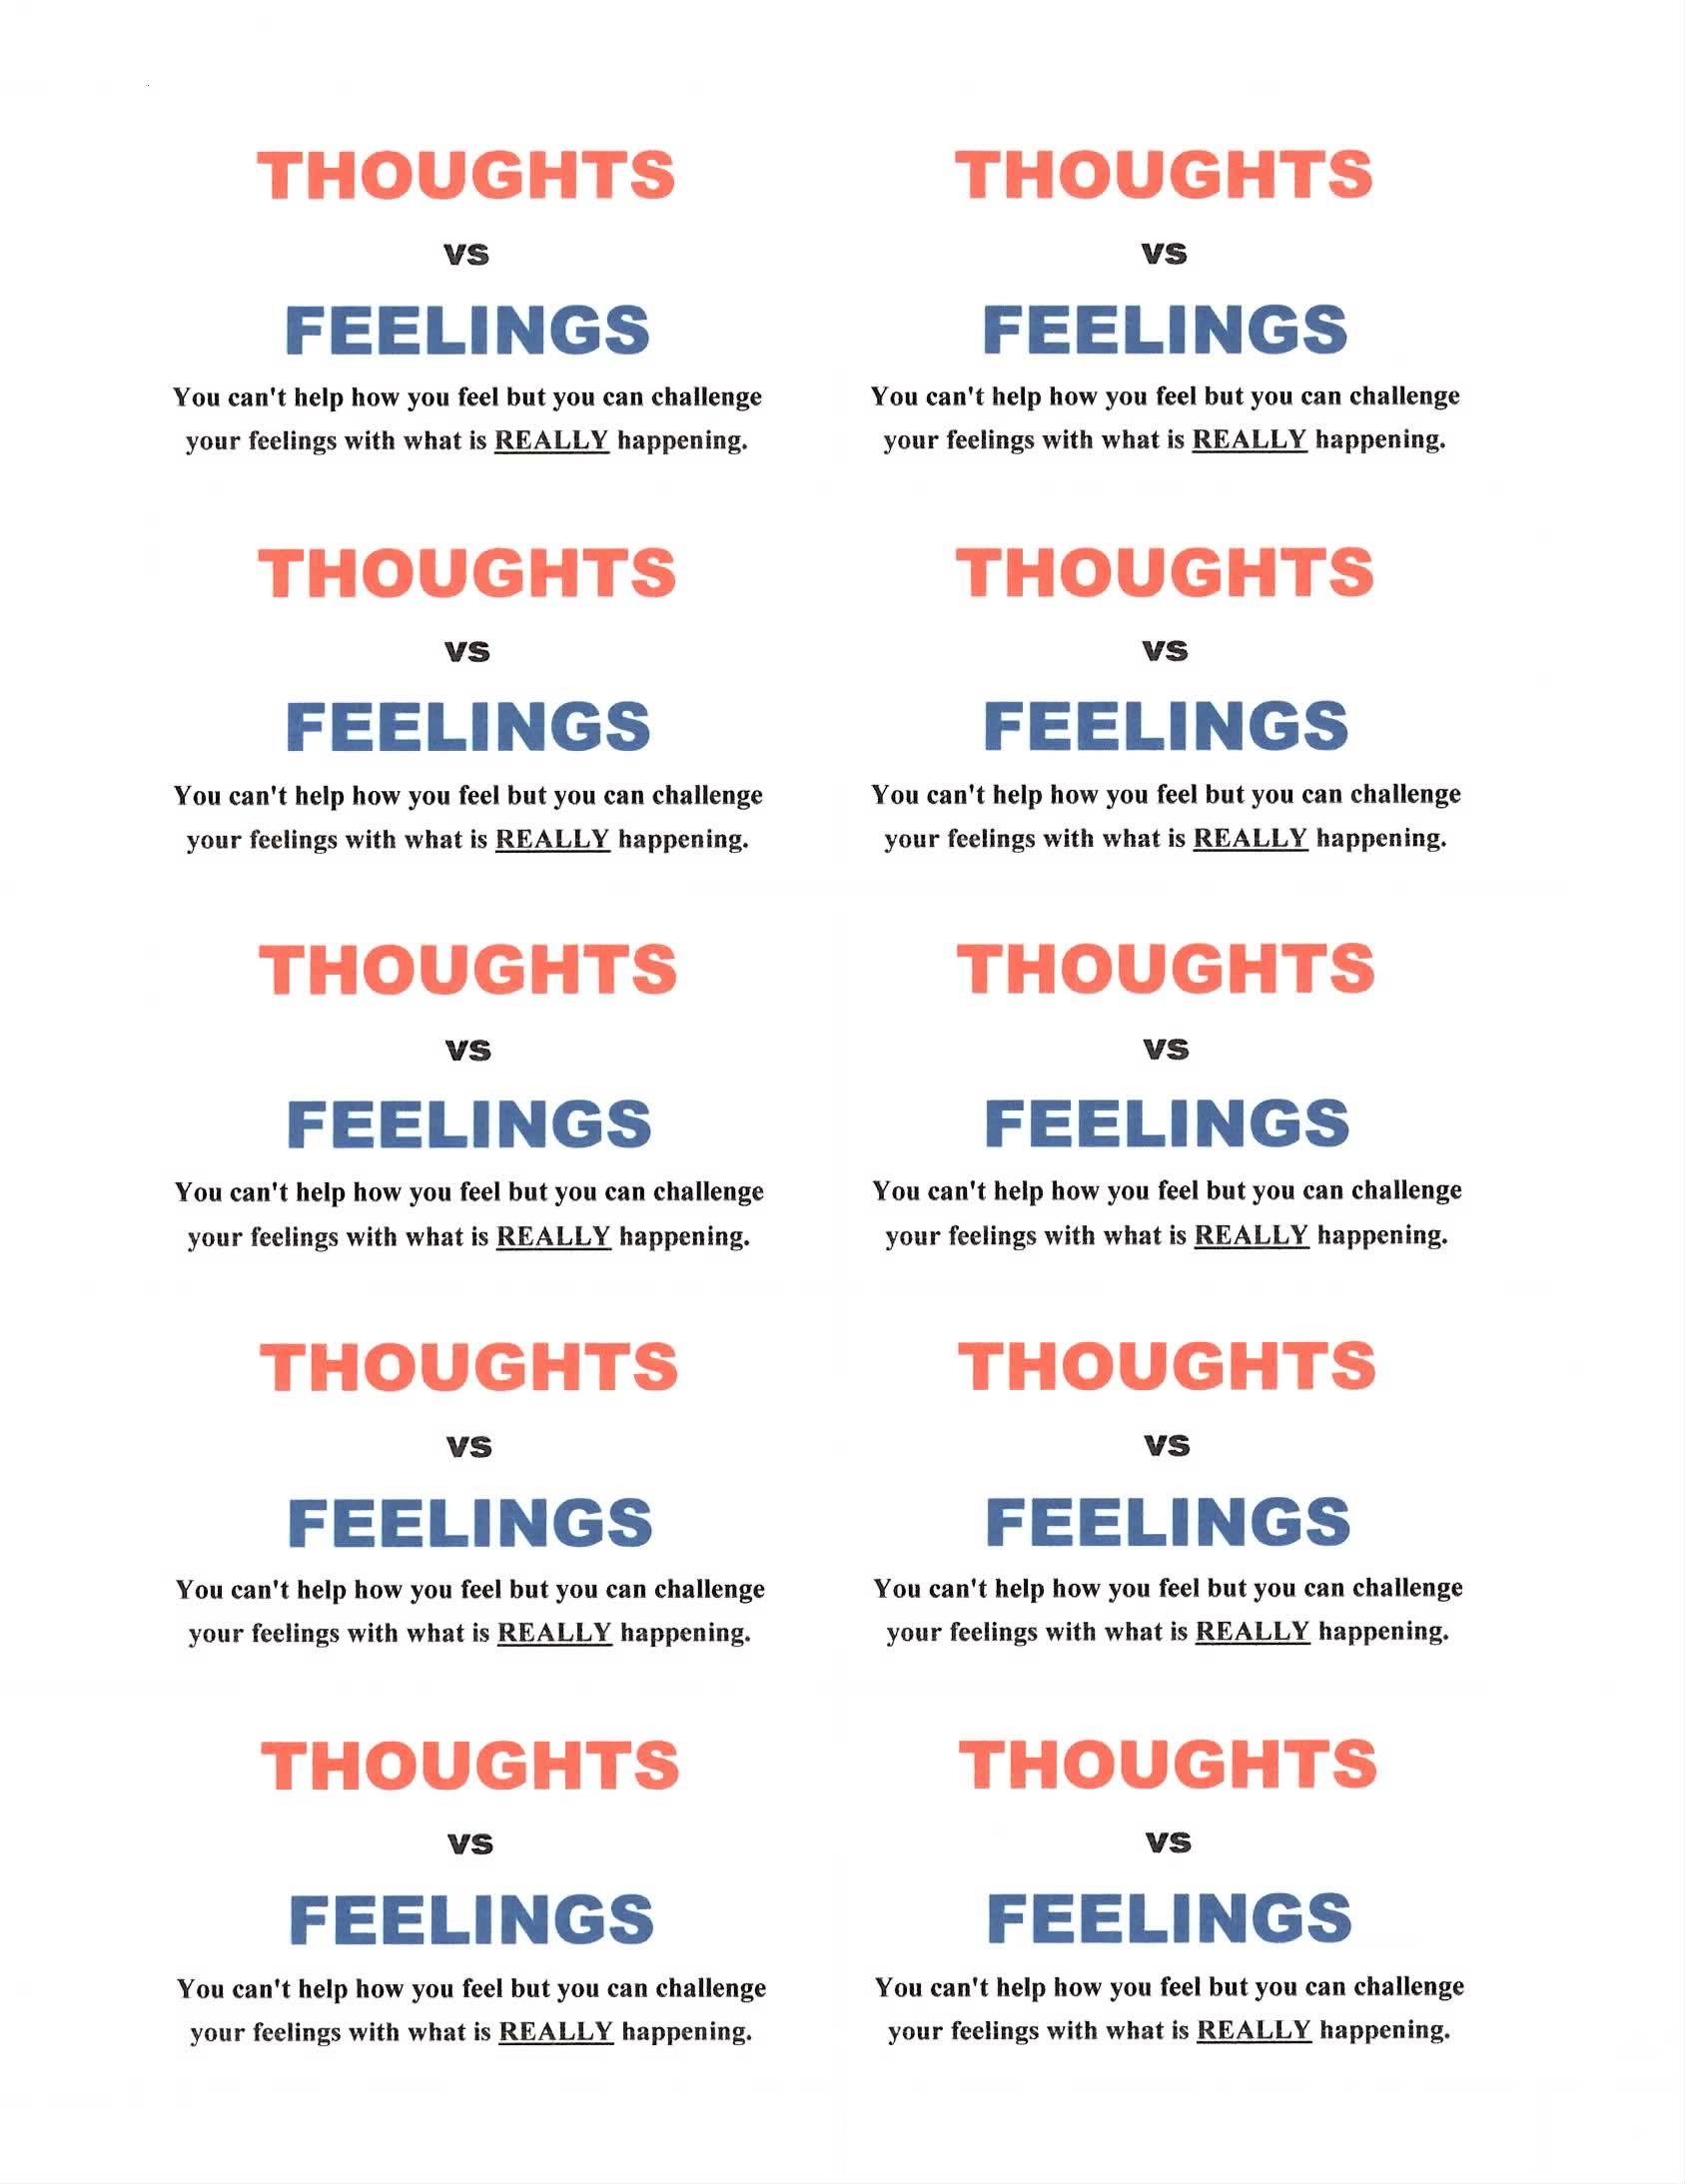 Thought vs. Feelings